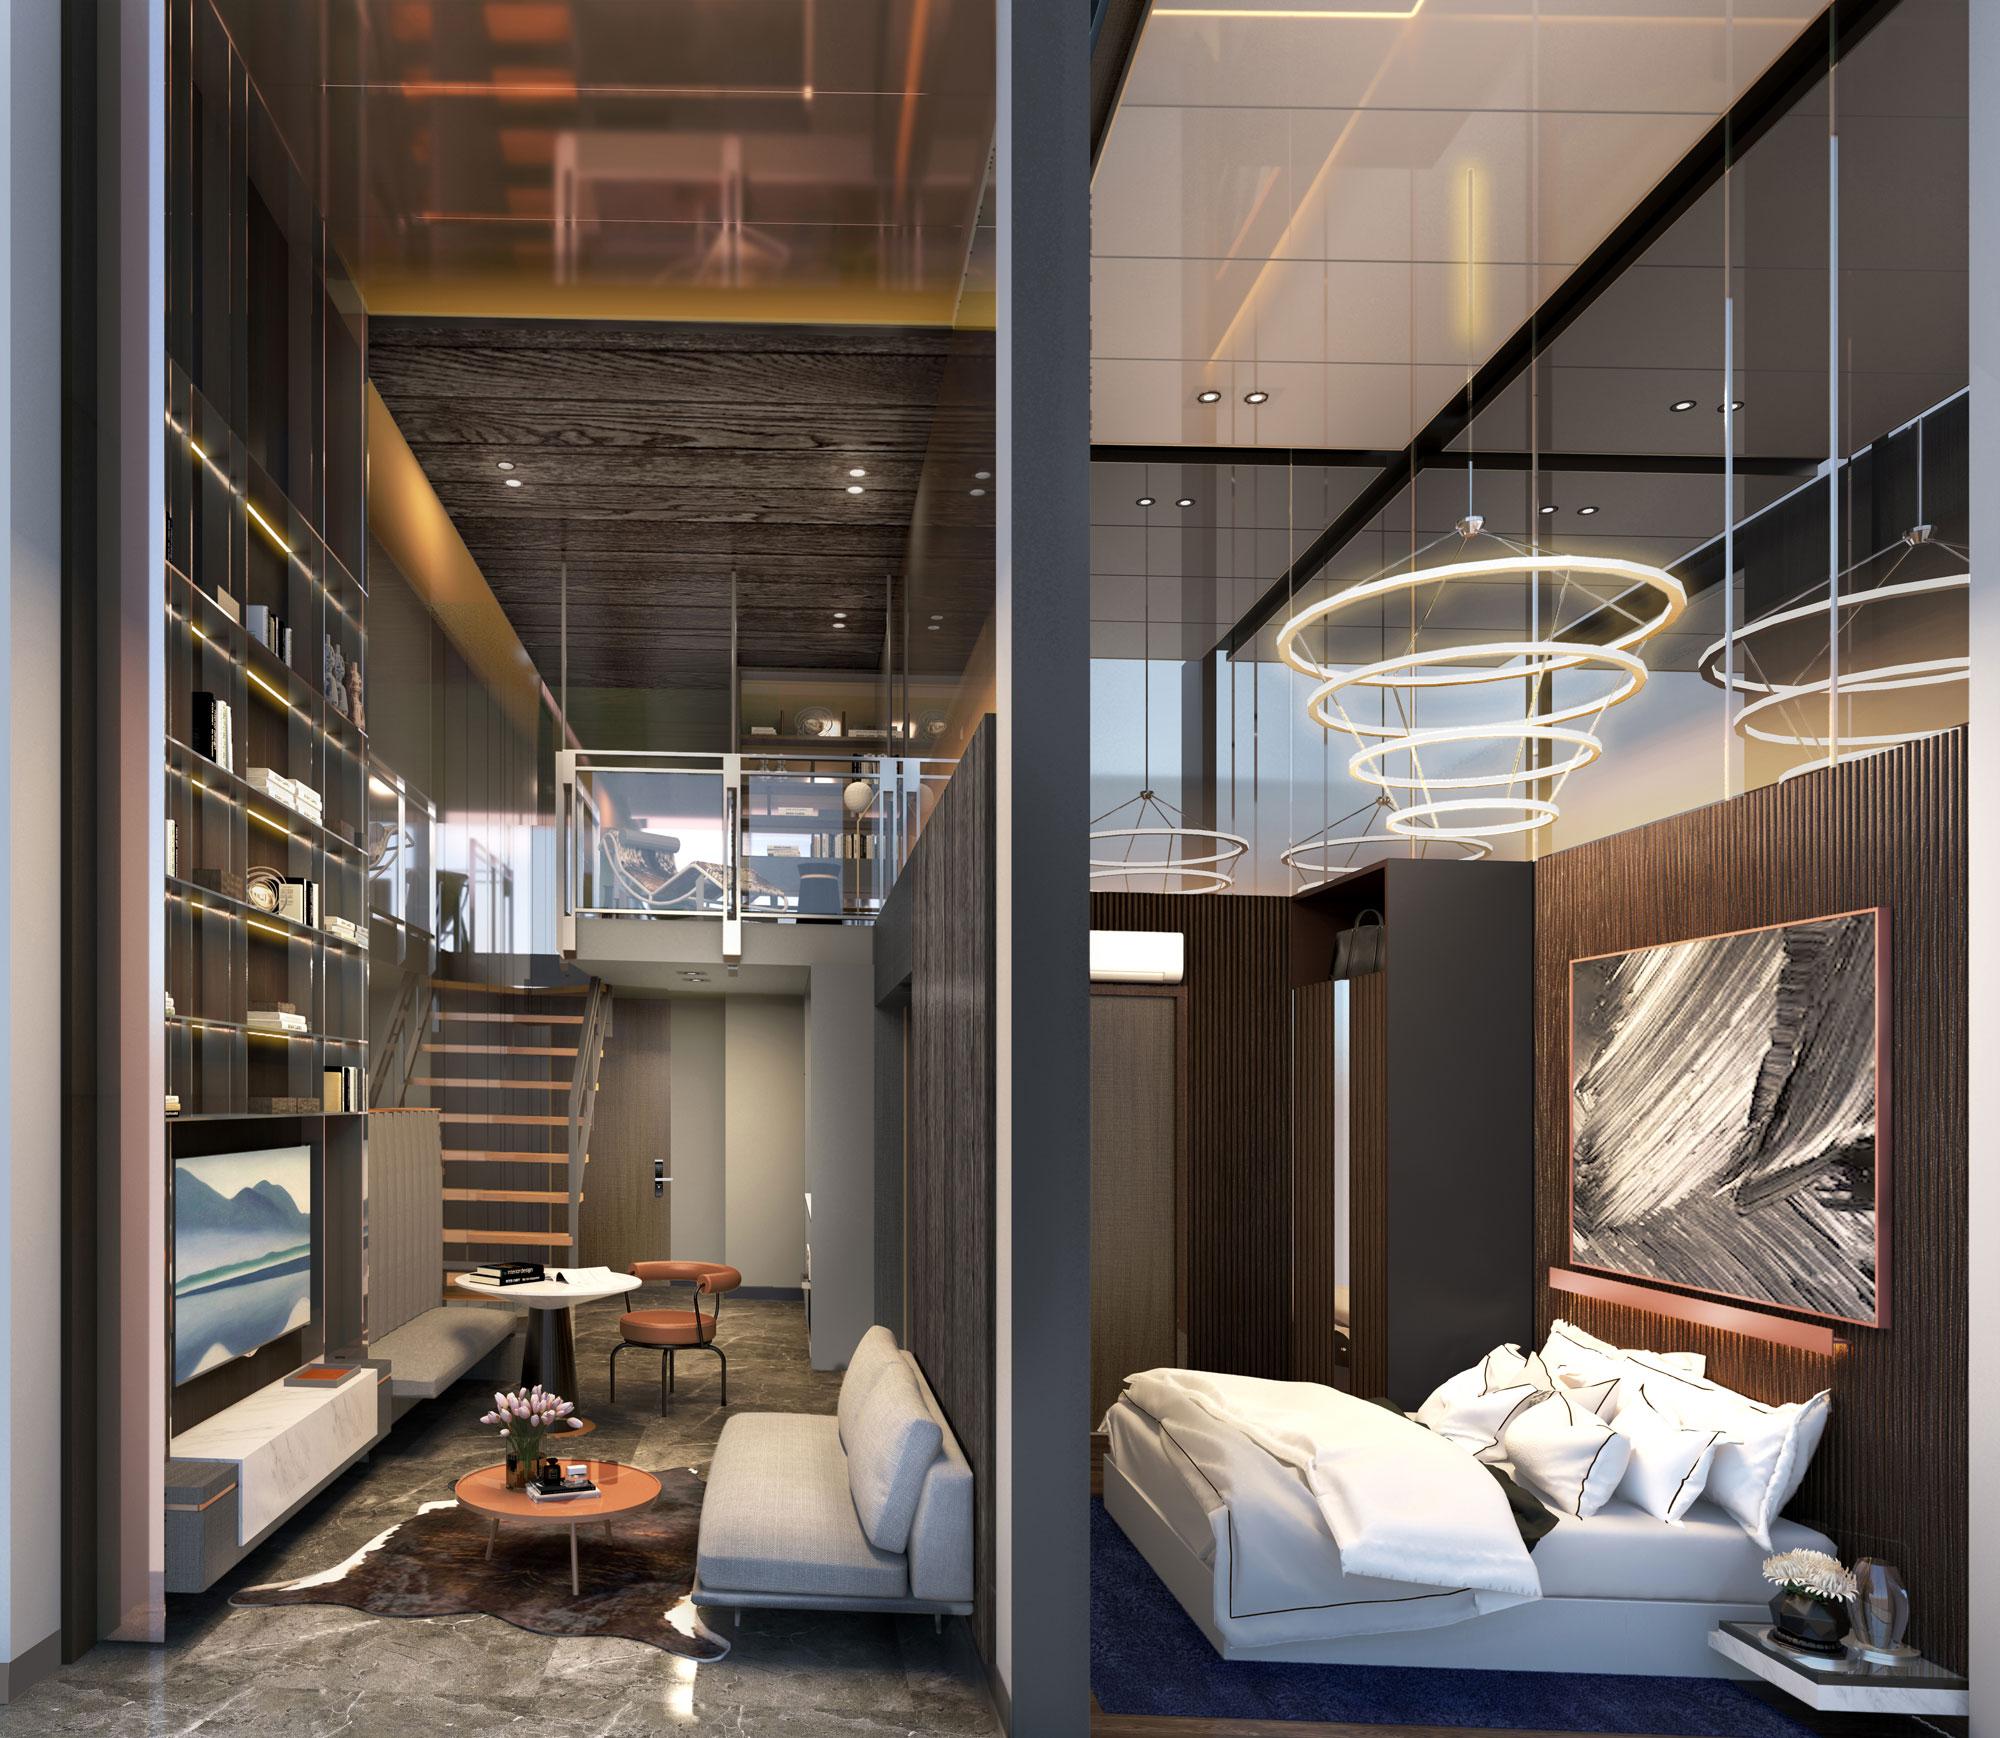 120 Grange 1 bedroom loft